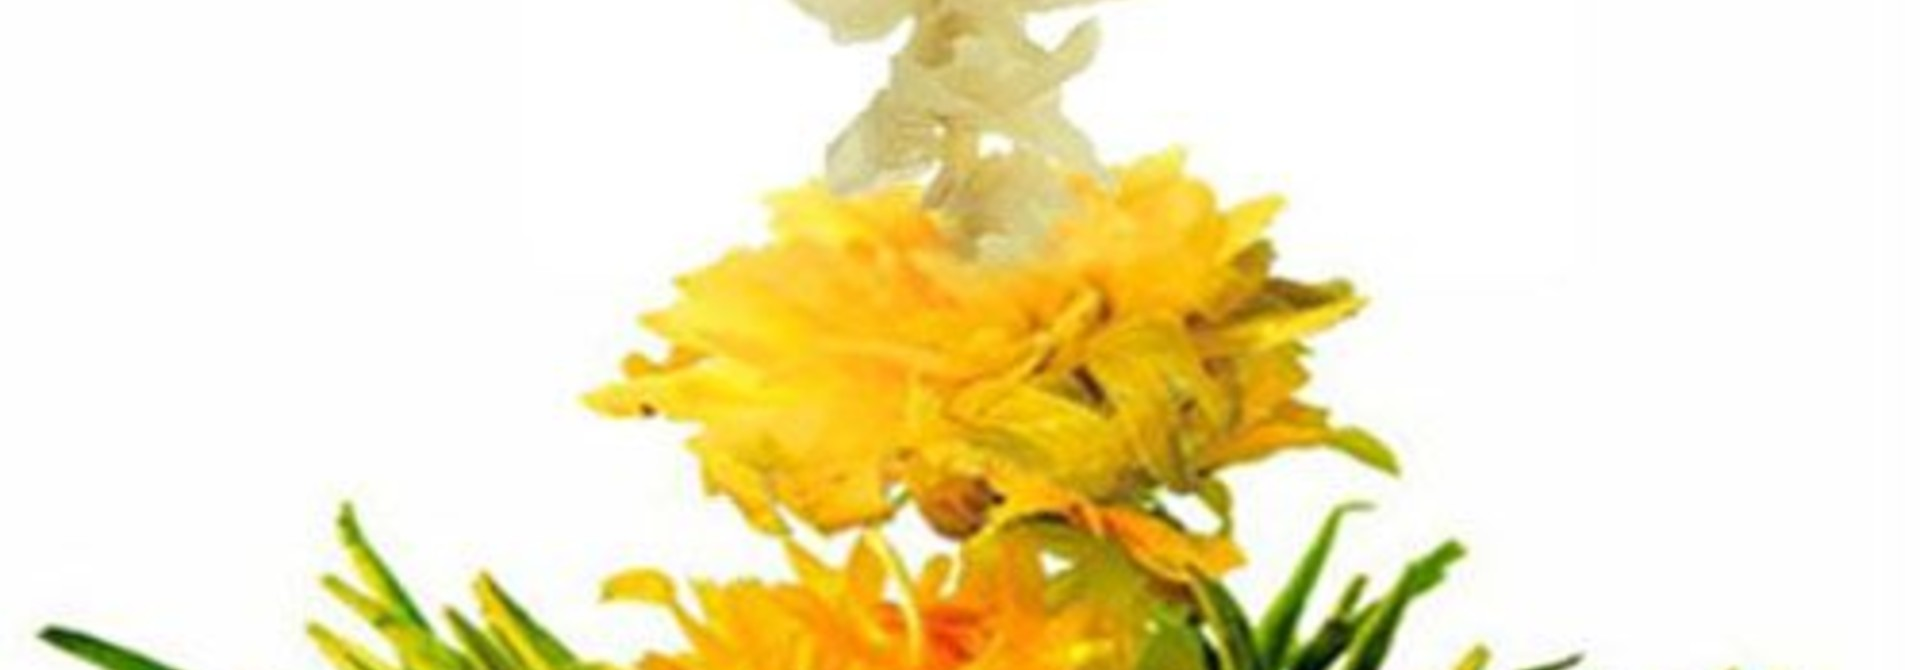 8 Spring Melody Theebloemen